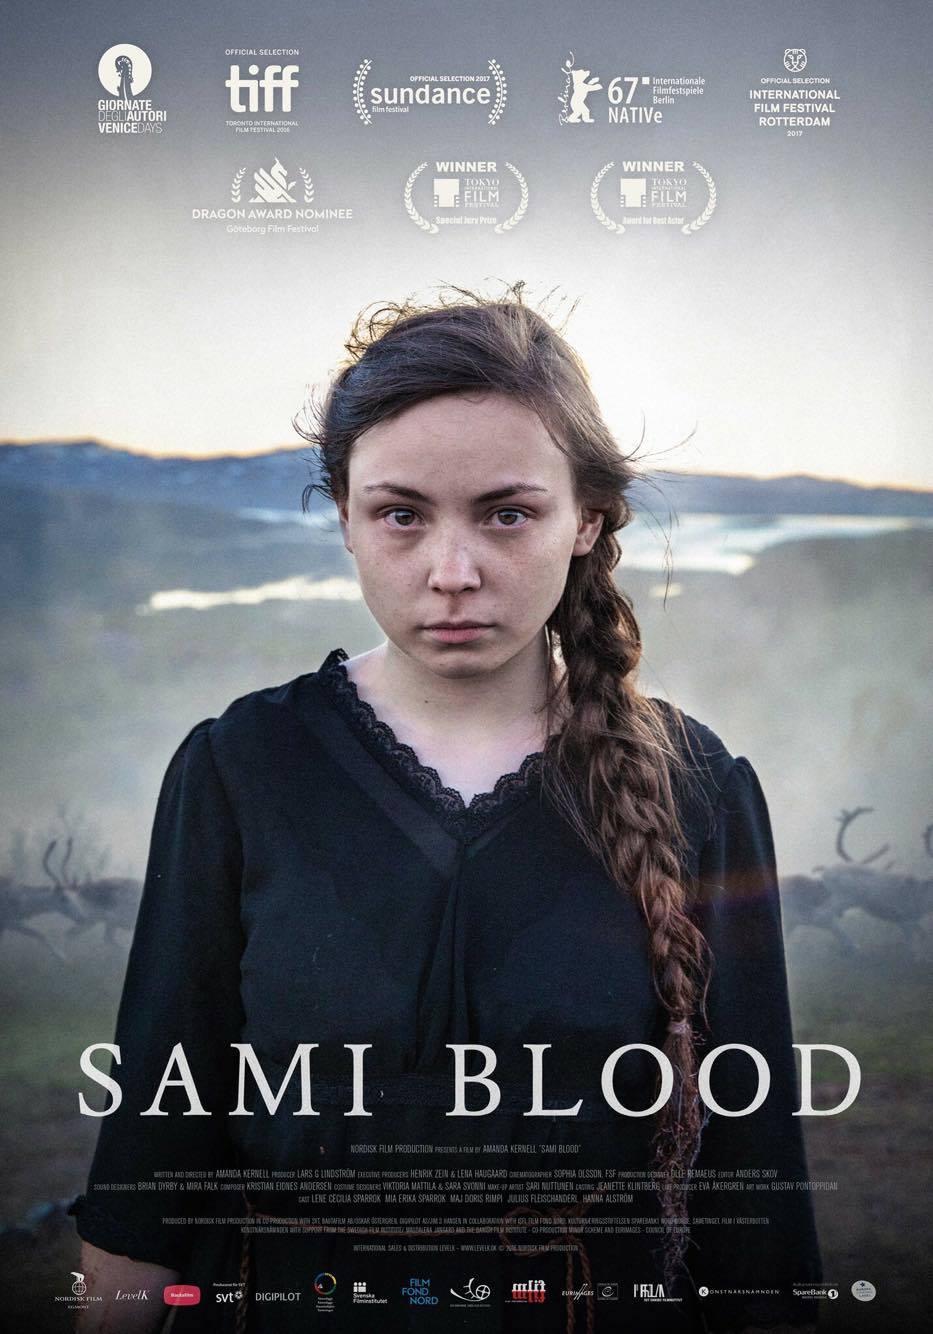 samiblood poster